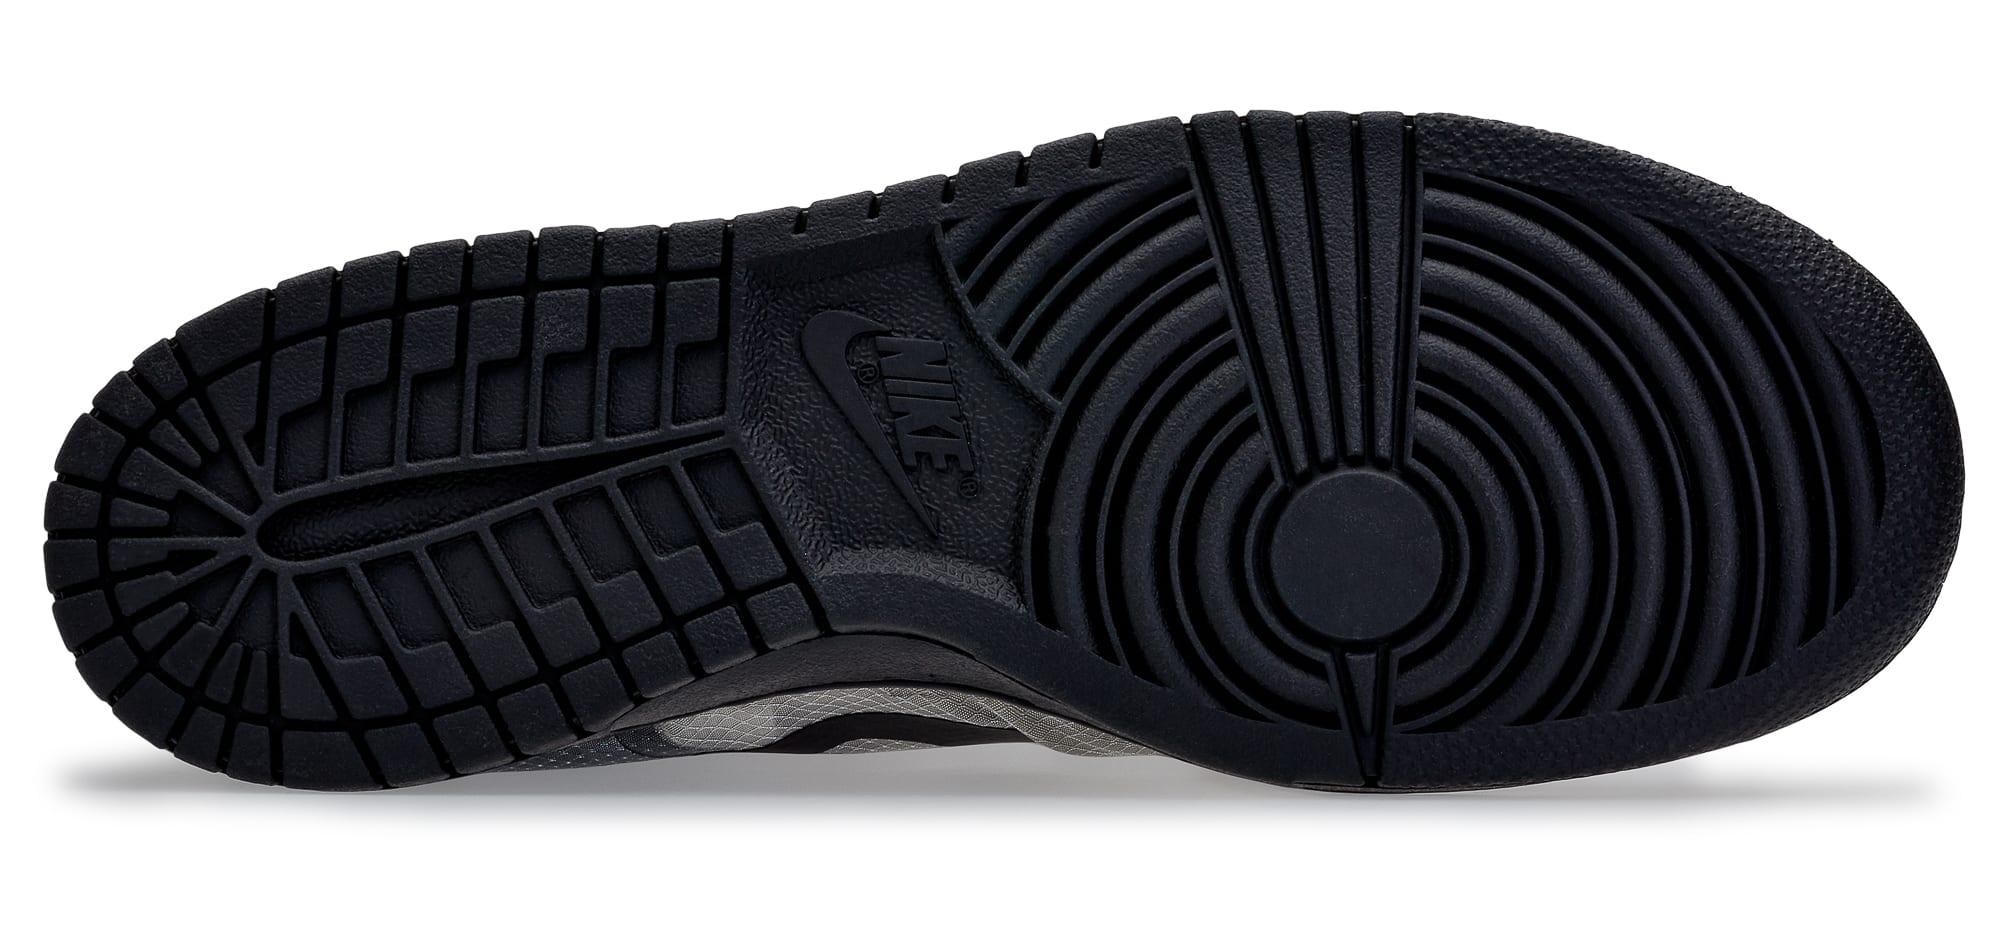 Comme Des Garcons x Nike Dunk Low Outsole